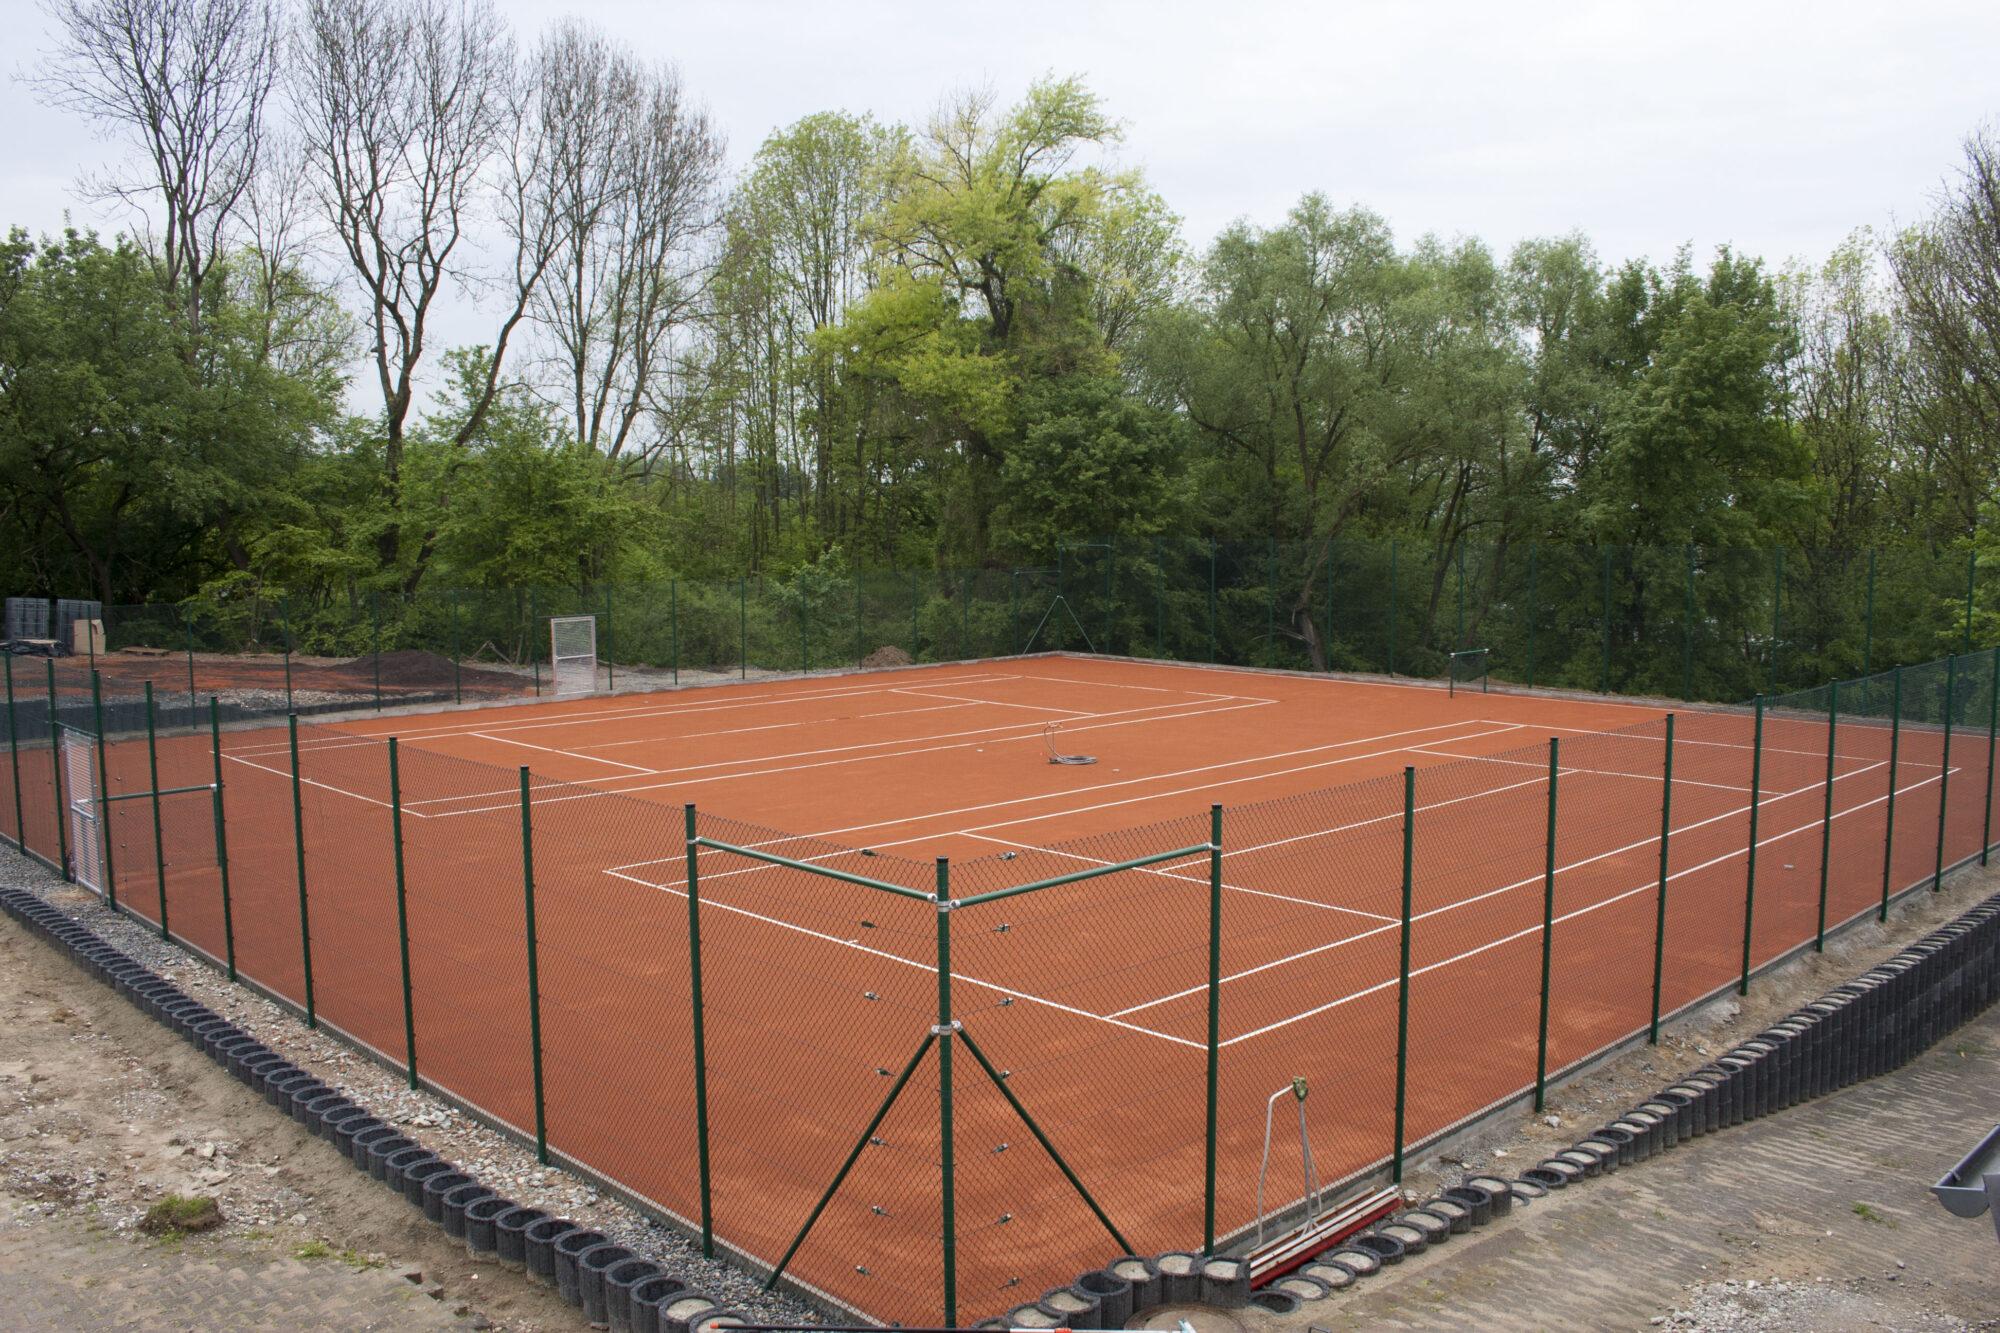 Mertens Tennisplatzbau e.K.